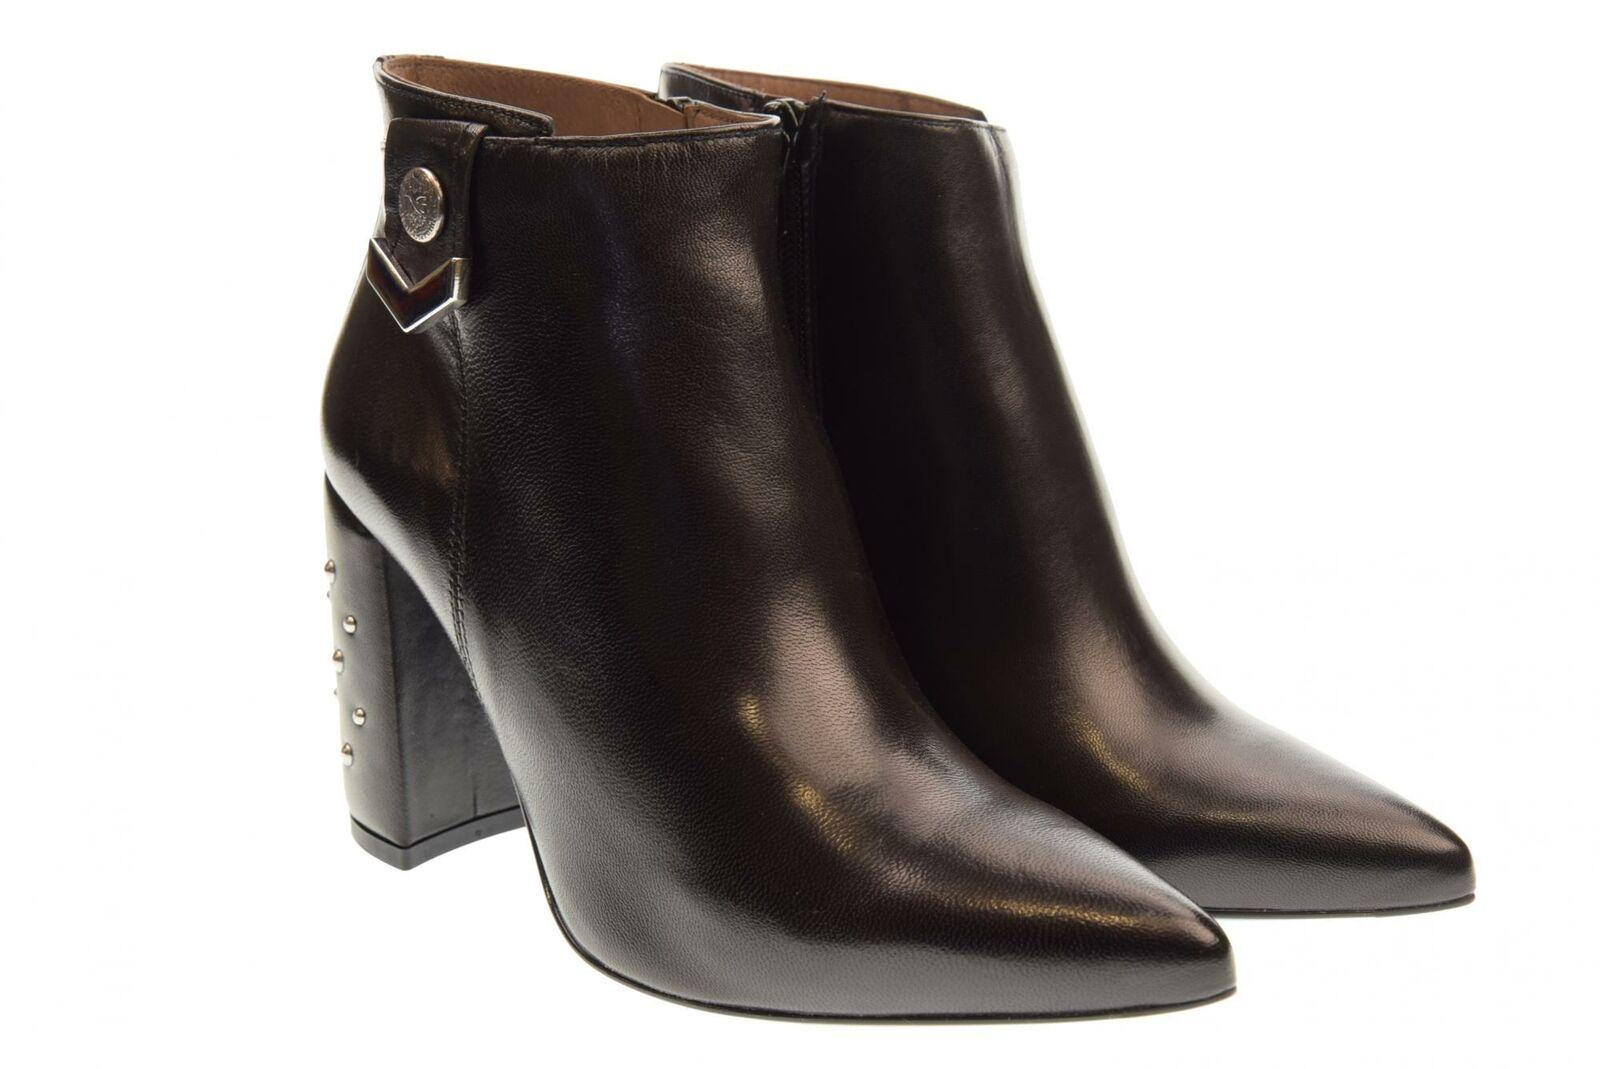 Spedizione gratuita al 100% Nero Giardini scarpe scarpe scarpe donna tronchetti con tacco A806880DE 100 A18  promozioni di squadra